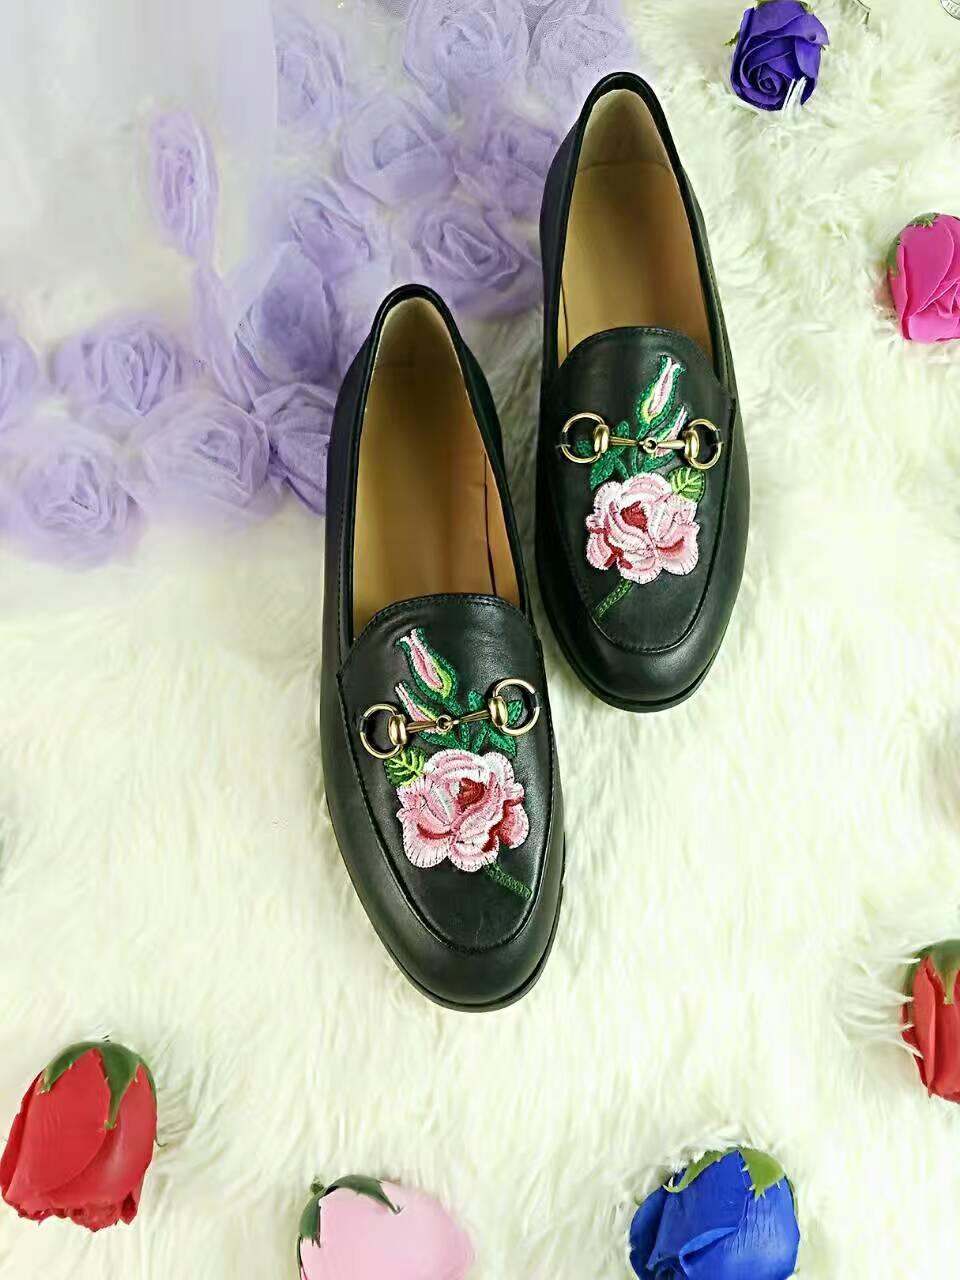 miglior versione! u721 40 i in vera pelle ricamo appartamenti scarpe mocassini fiore serpente cuore labbra nero bianco g 2017 elegante alla moda